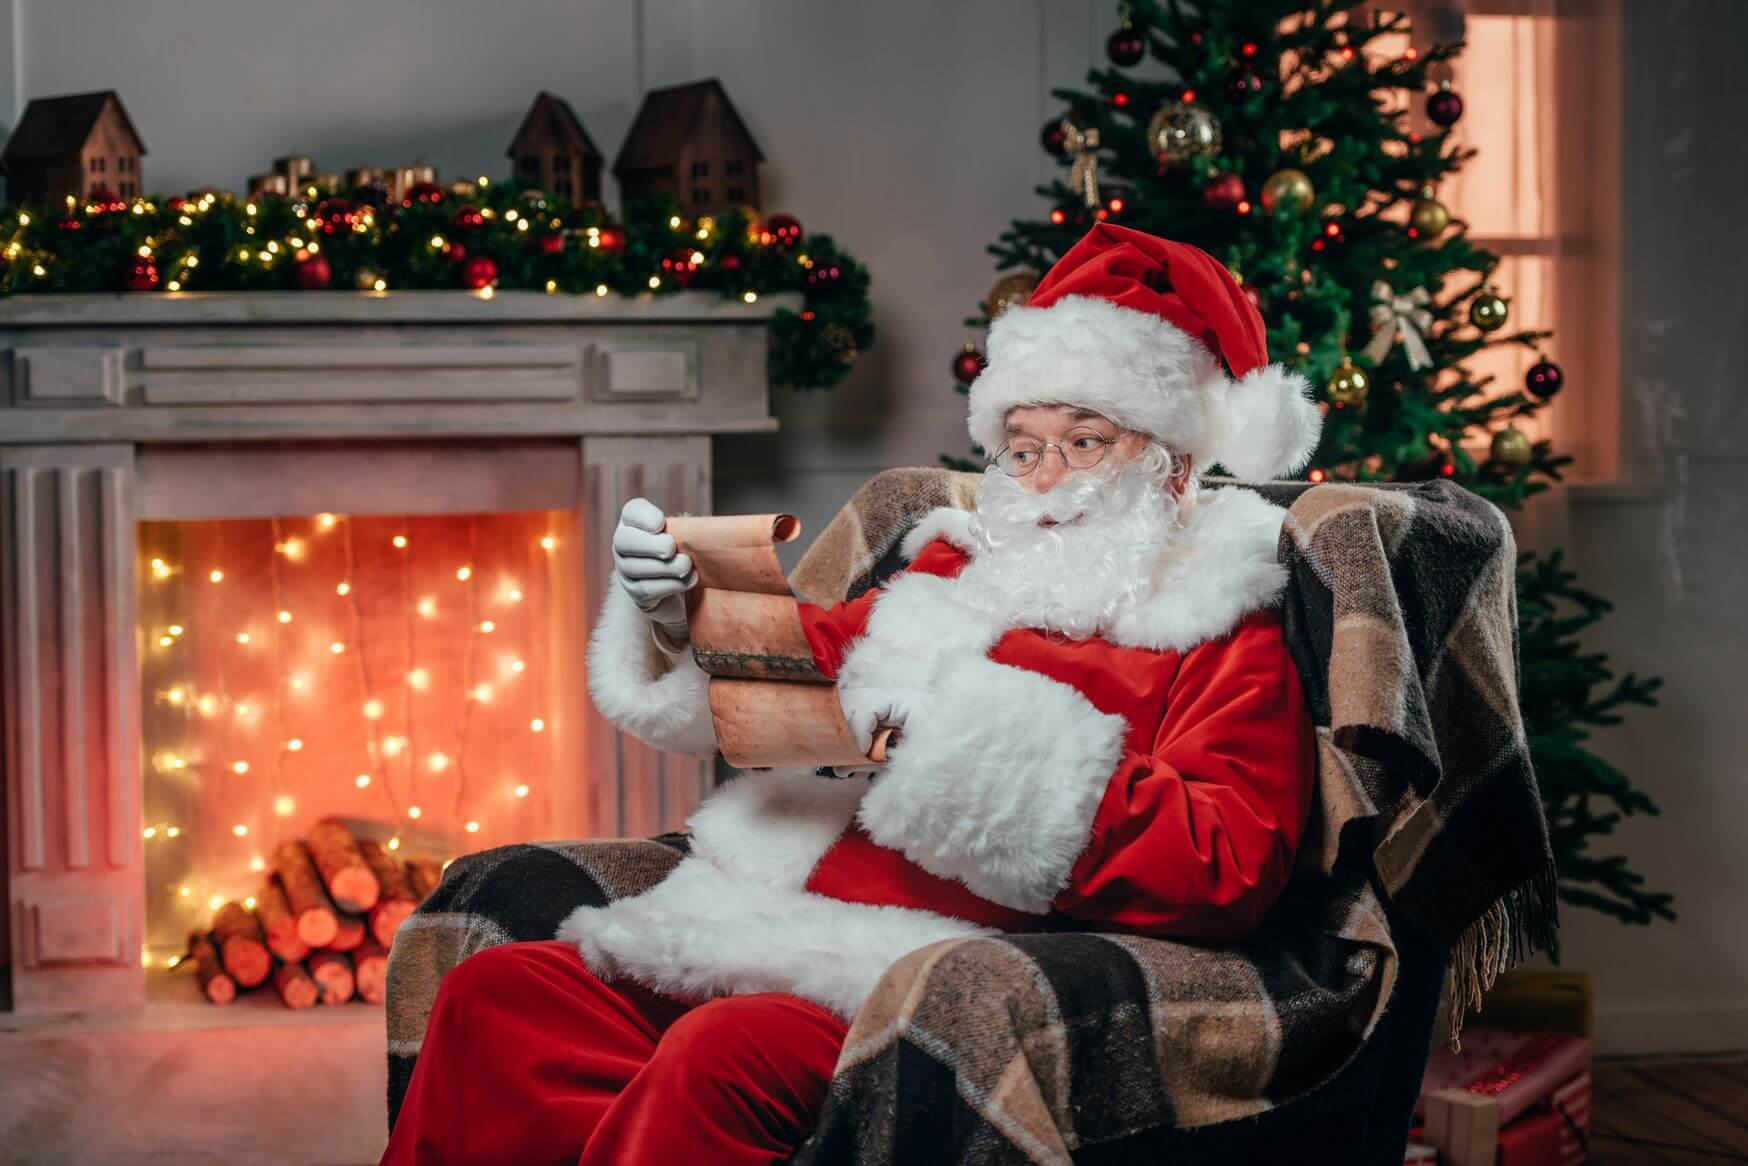 weihnachtsmann nikolaus oder christkind wer bringt die. Black Bedroom Furniture Sets. Home Design Ideas